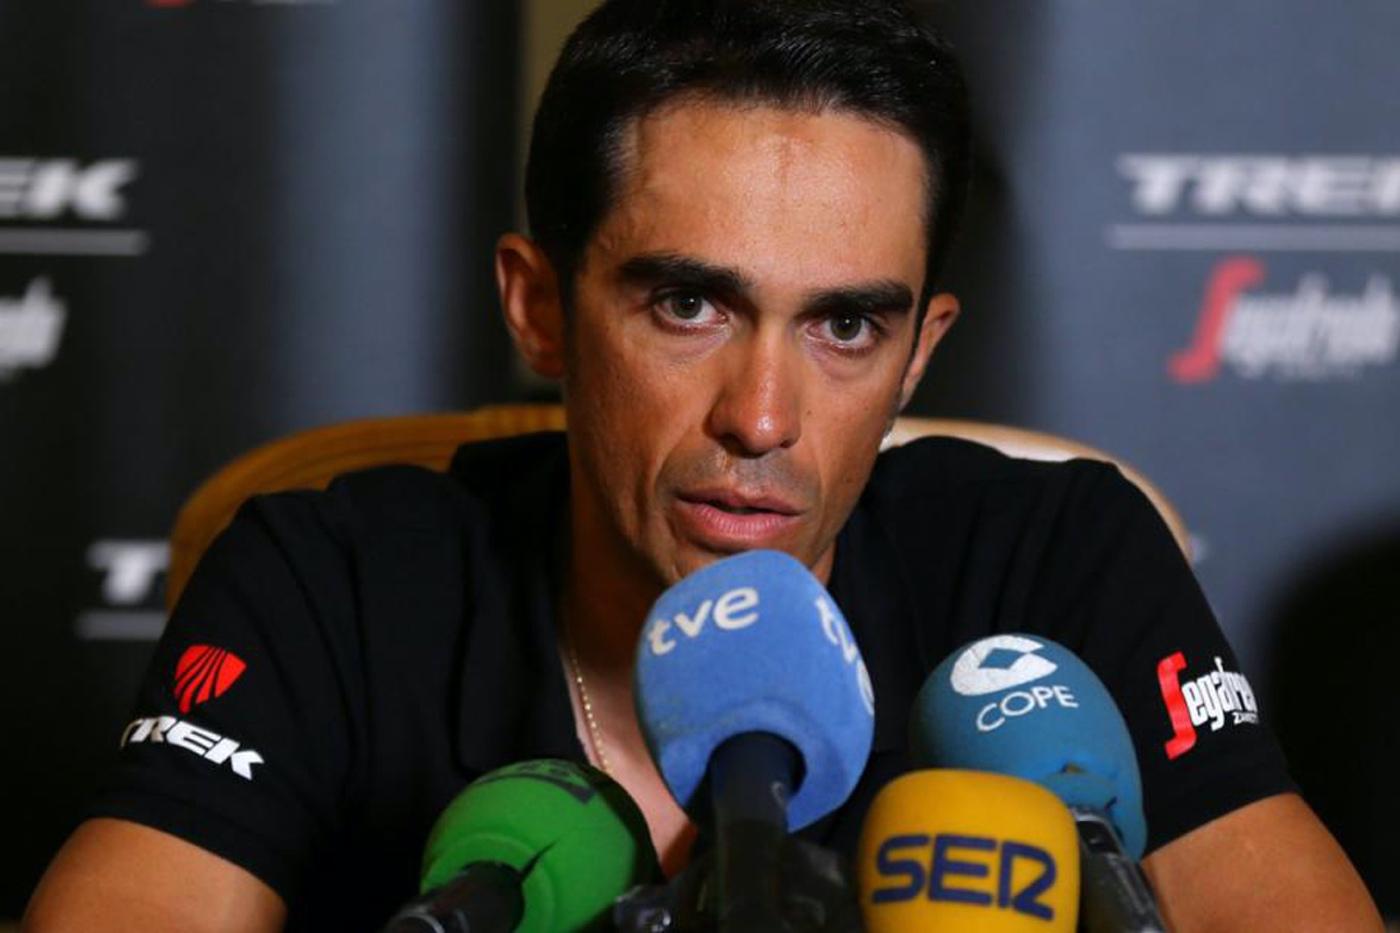 La Fundación Alberto Contador gestionará el equipo de desarrollo del Trek-Segafredo